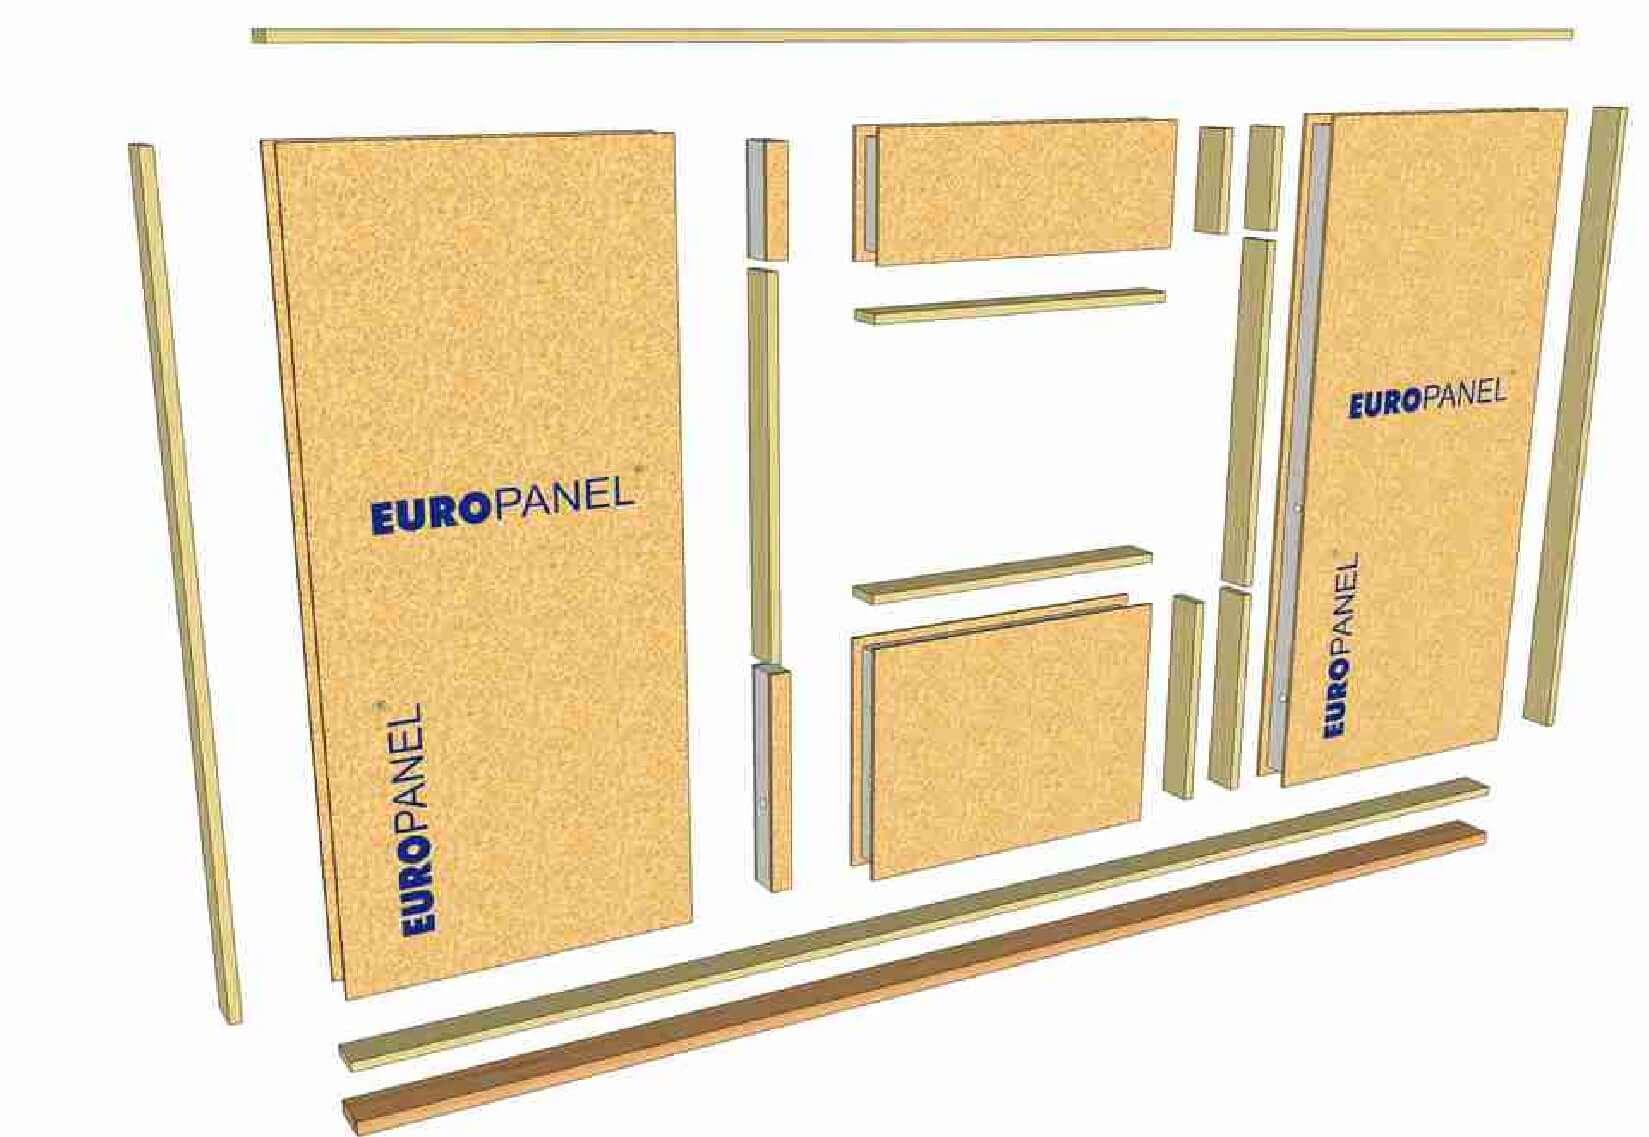 Nosné prvky stropu - model | Homing.cz